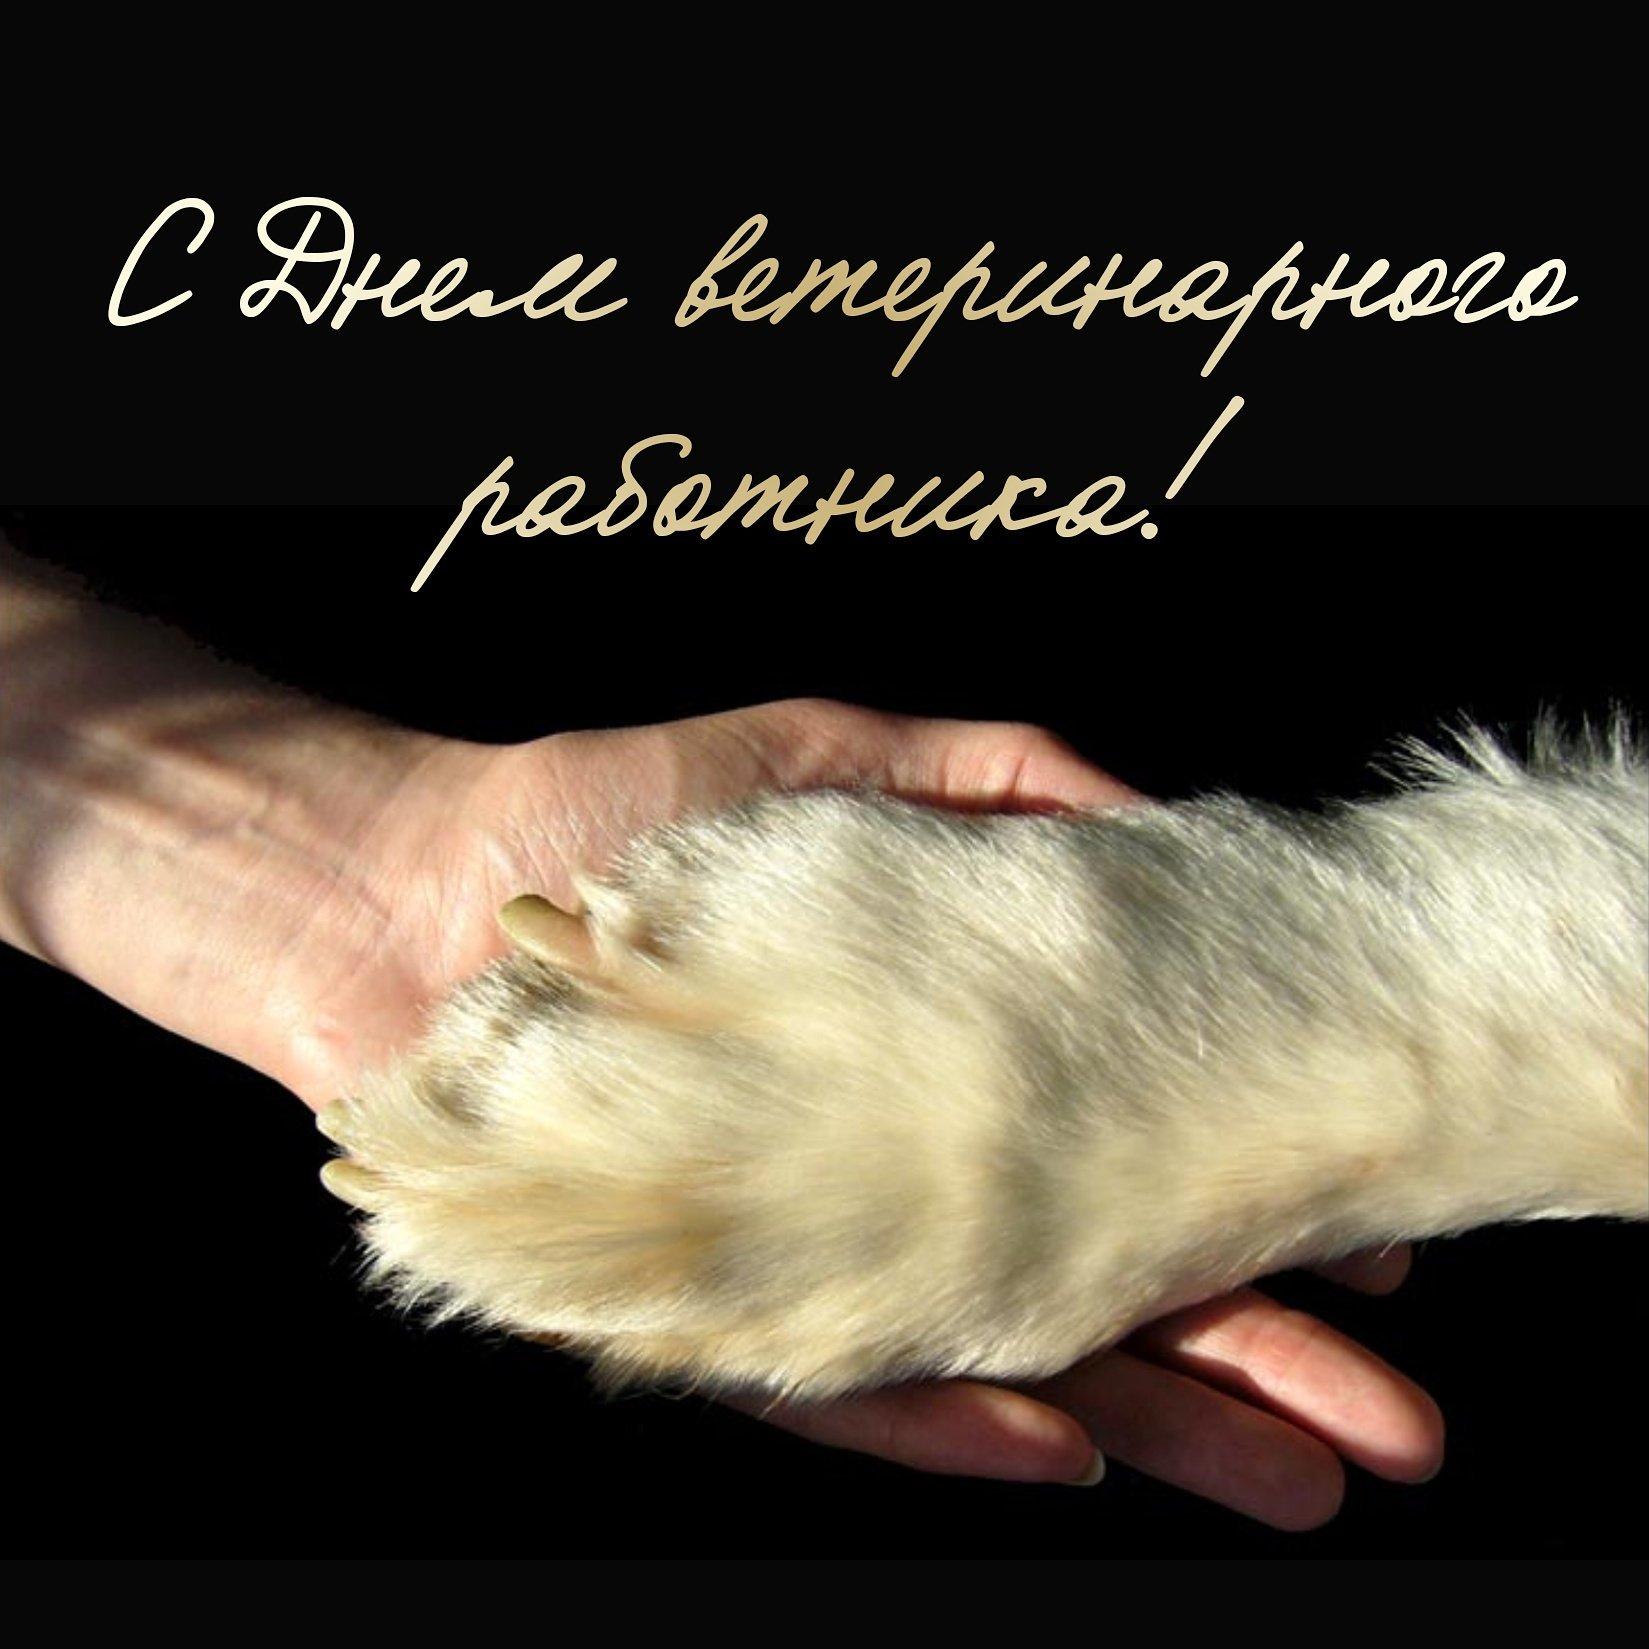 Поздравления в картинках с днем ветеринарного работника